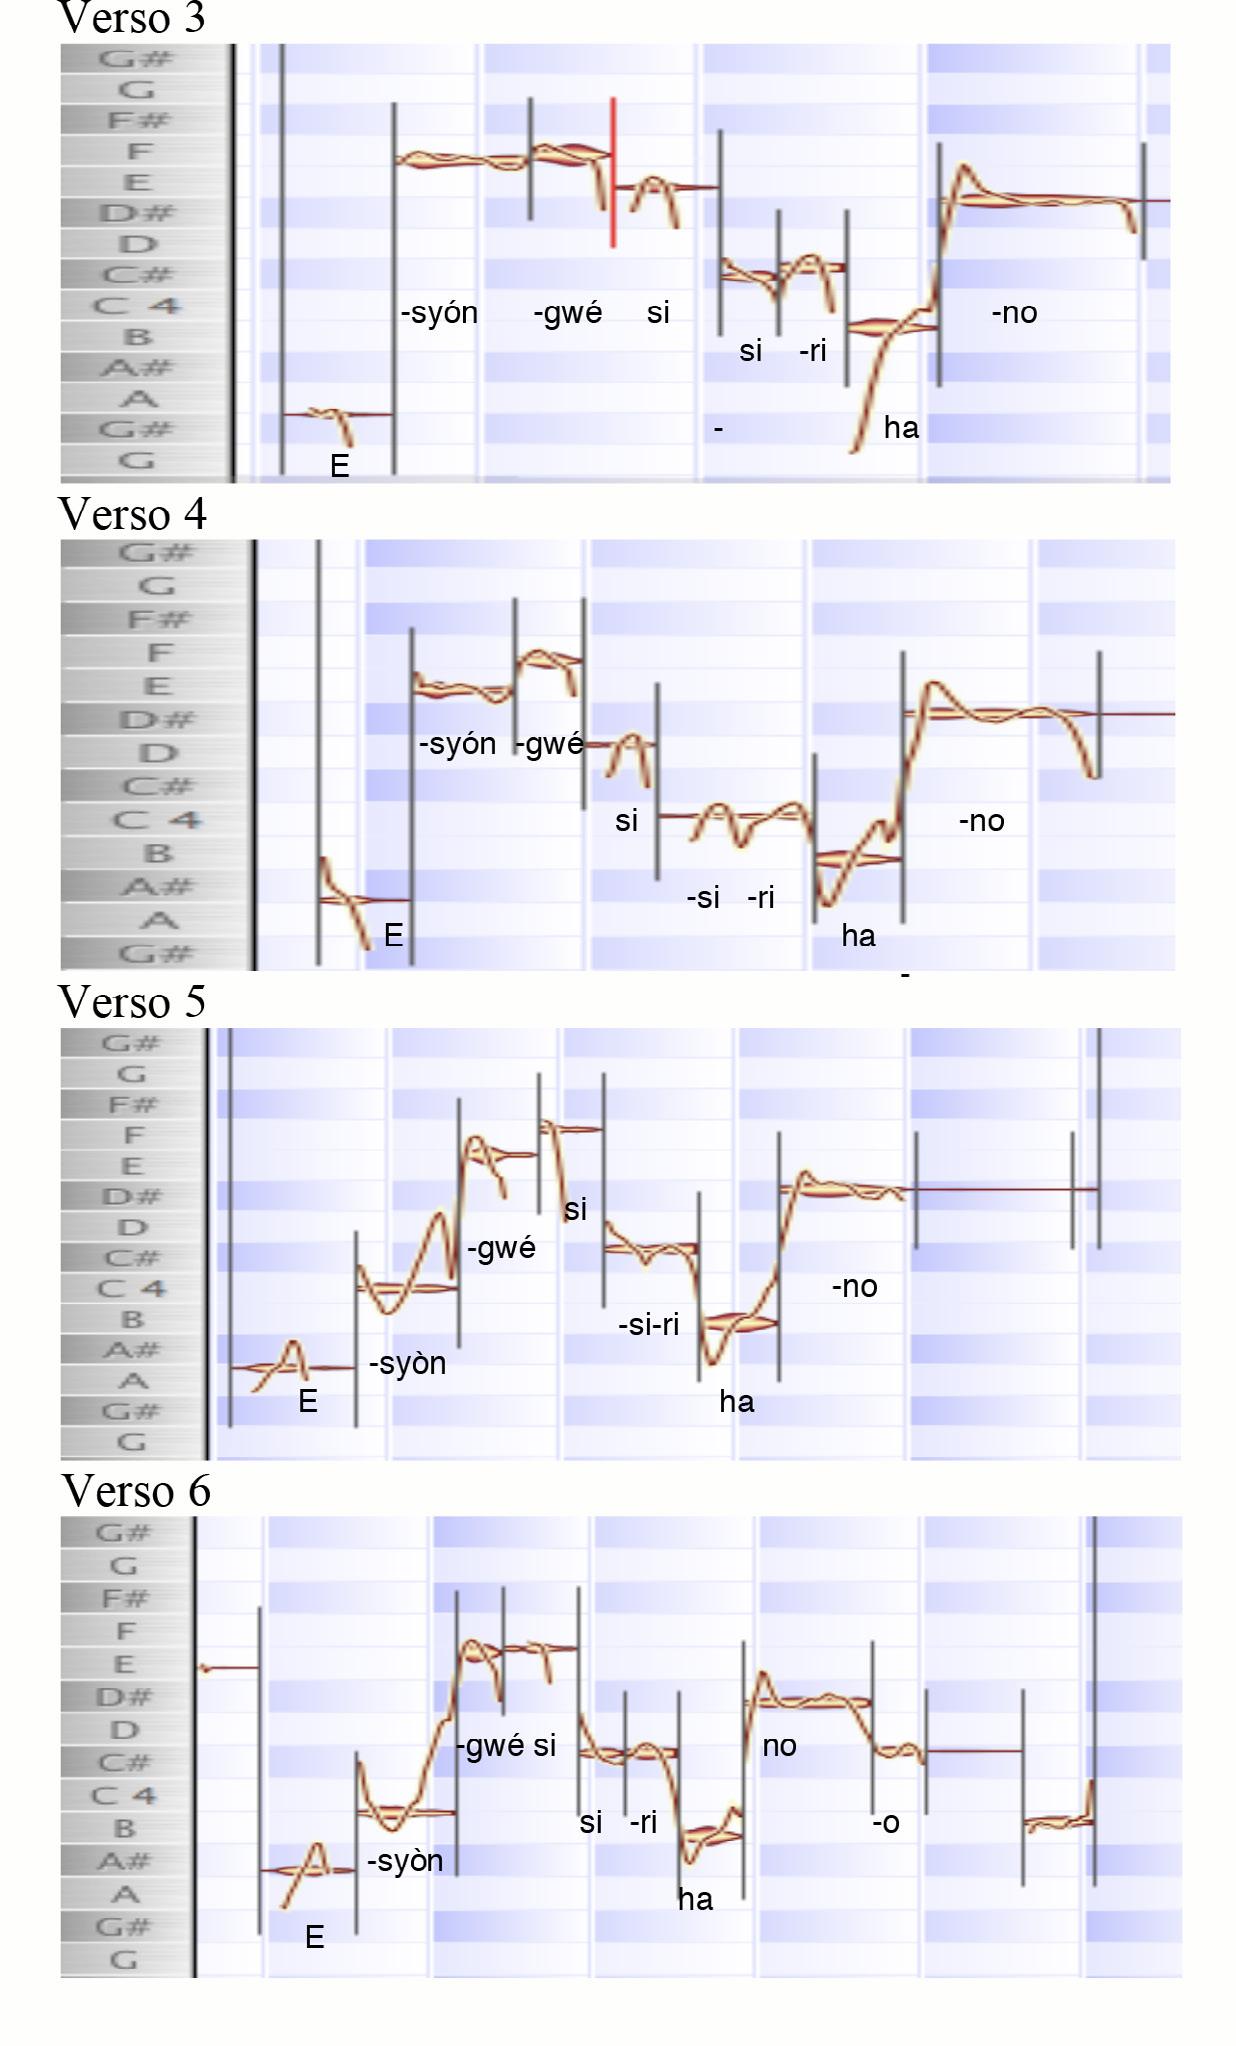 FIGURA 2. Rappresentazione grafica dell'improvvisazione canora eseguita dal musicista Eryssanya